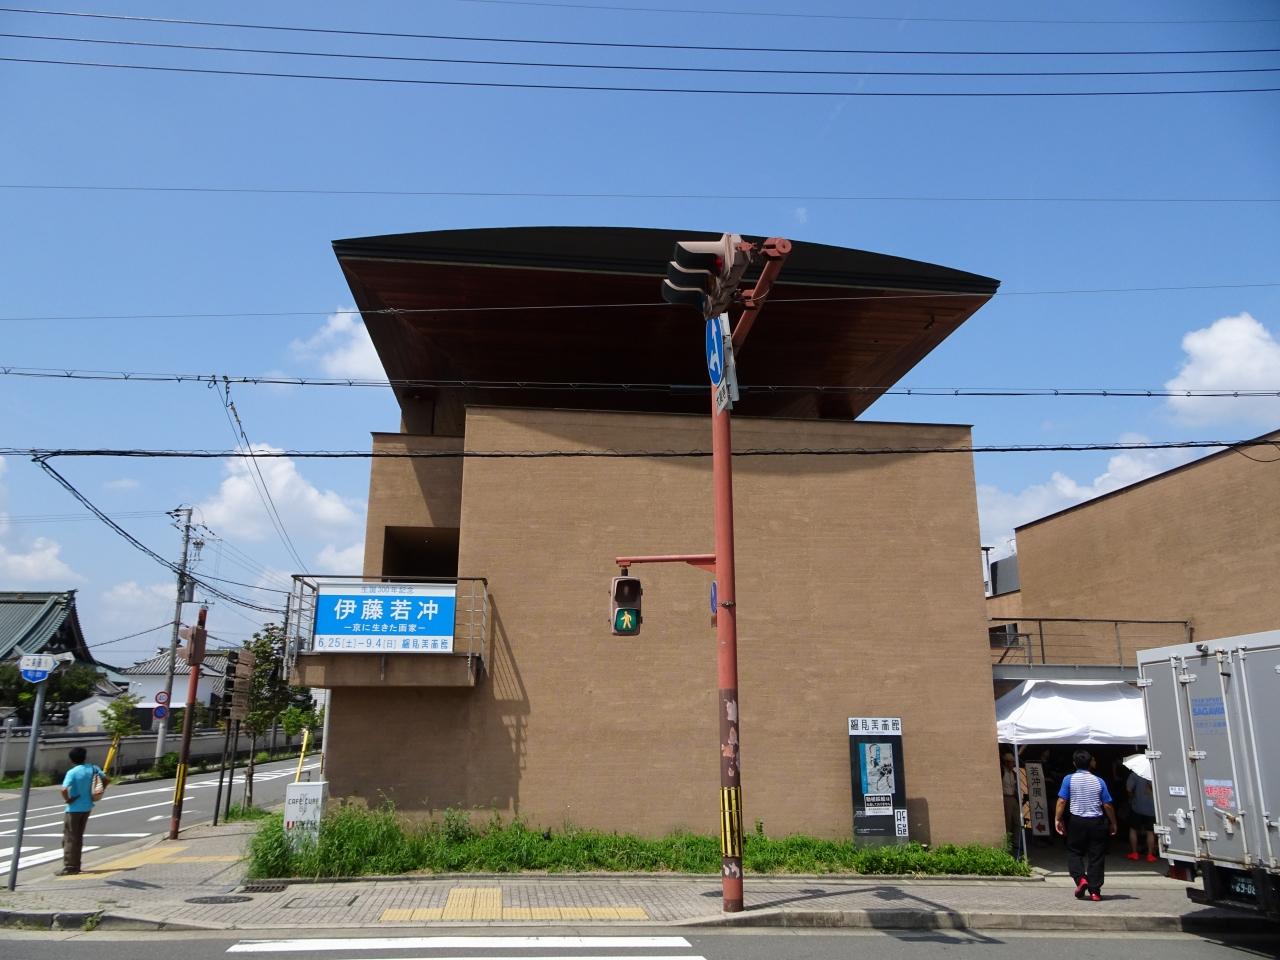 京都二つの若冲展、細見美術館と...